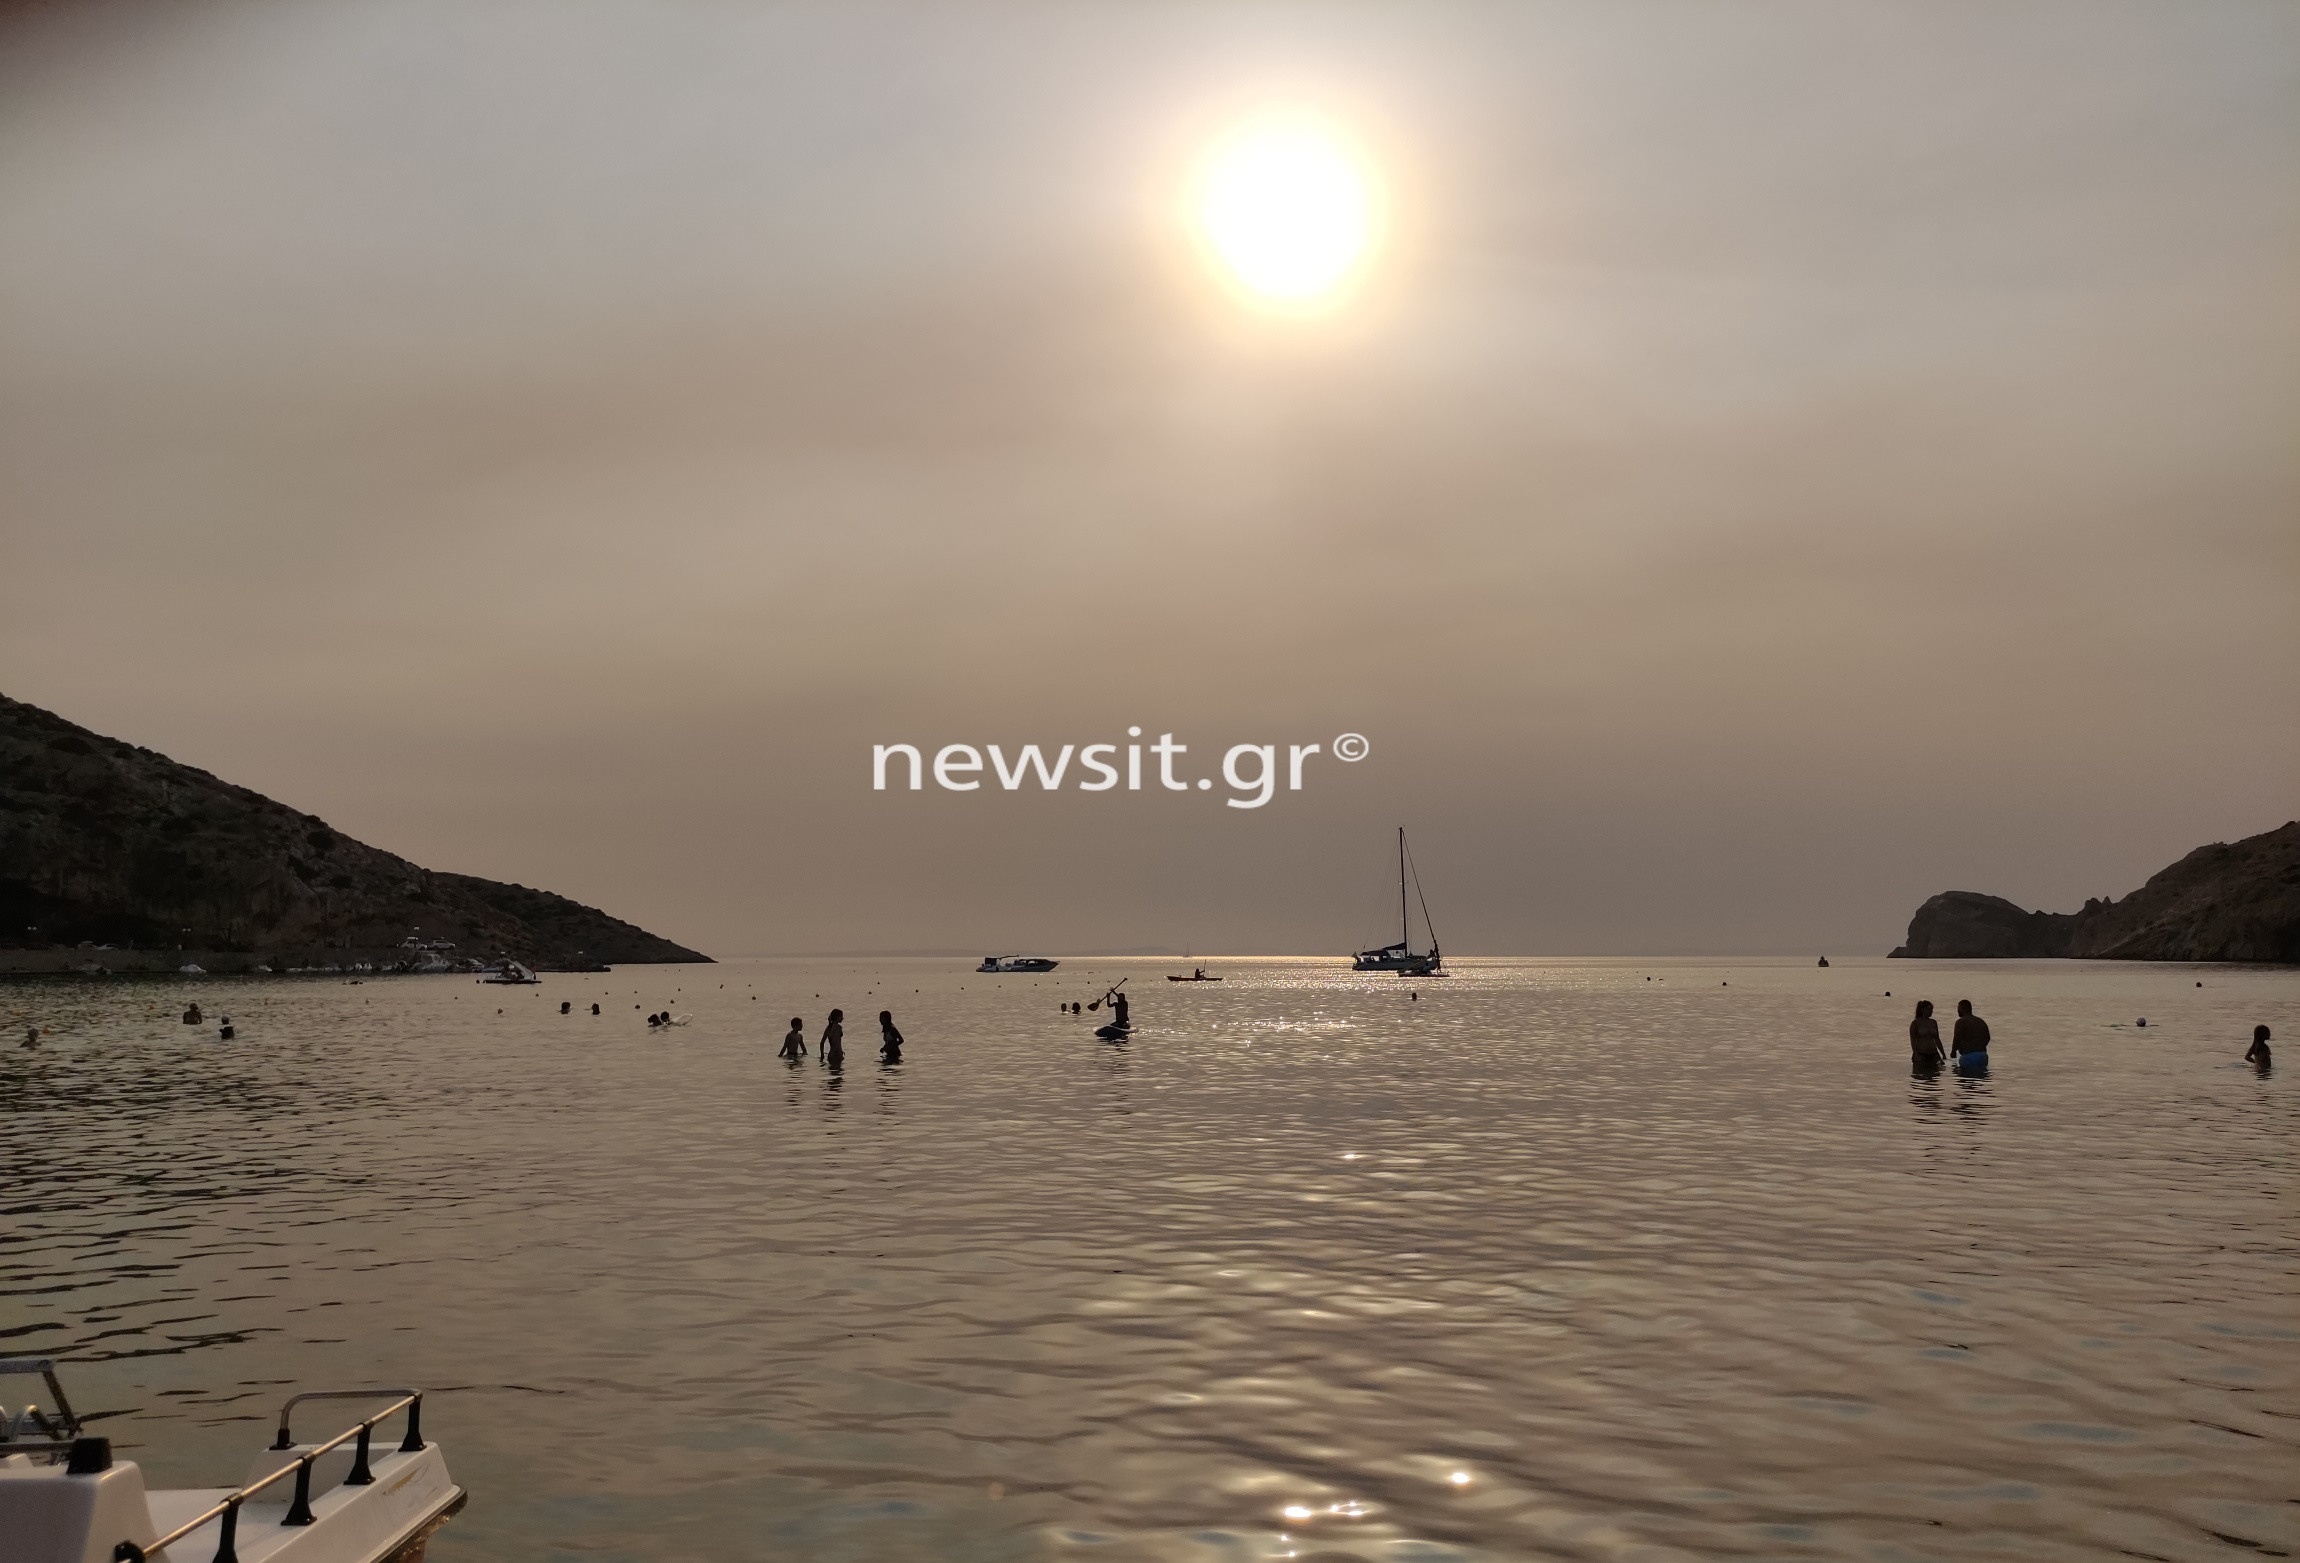 Φωτιά στην Εύβοια: «Σκοτείνιασε» ακόμα και η Σύρος από τους καπνούς